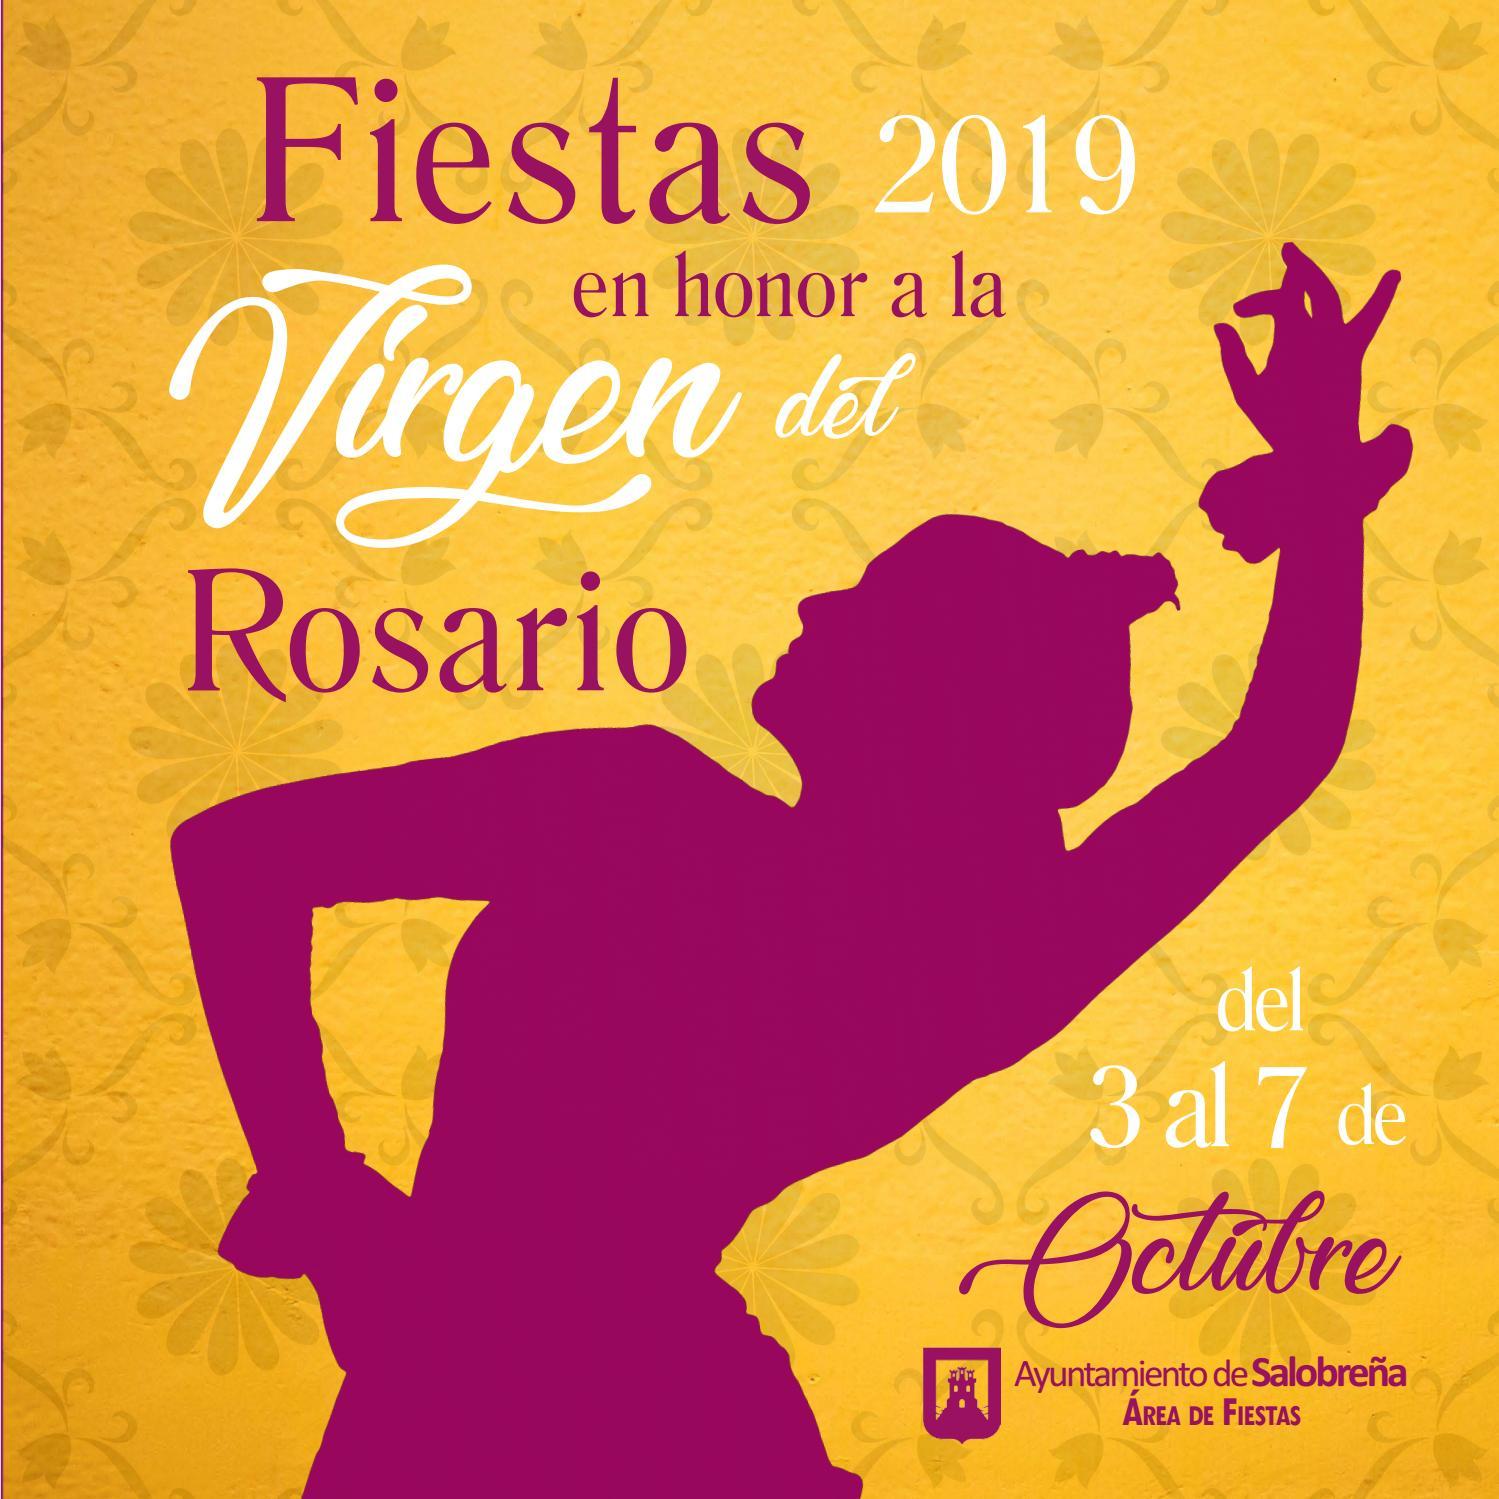 Fiestas Del Rosario 2019 By Turismo De Salobreña Issuu